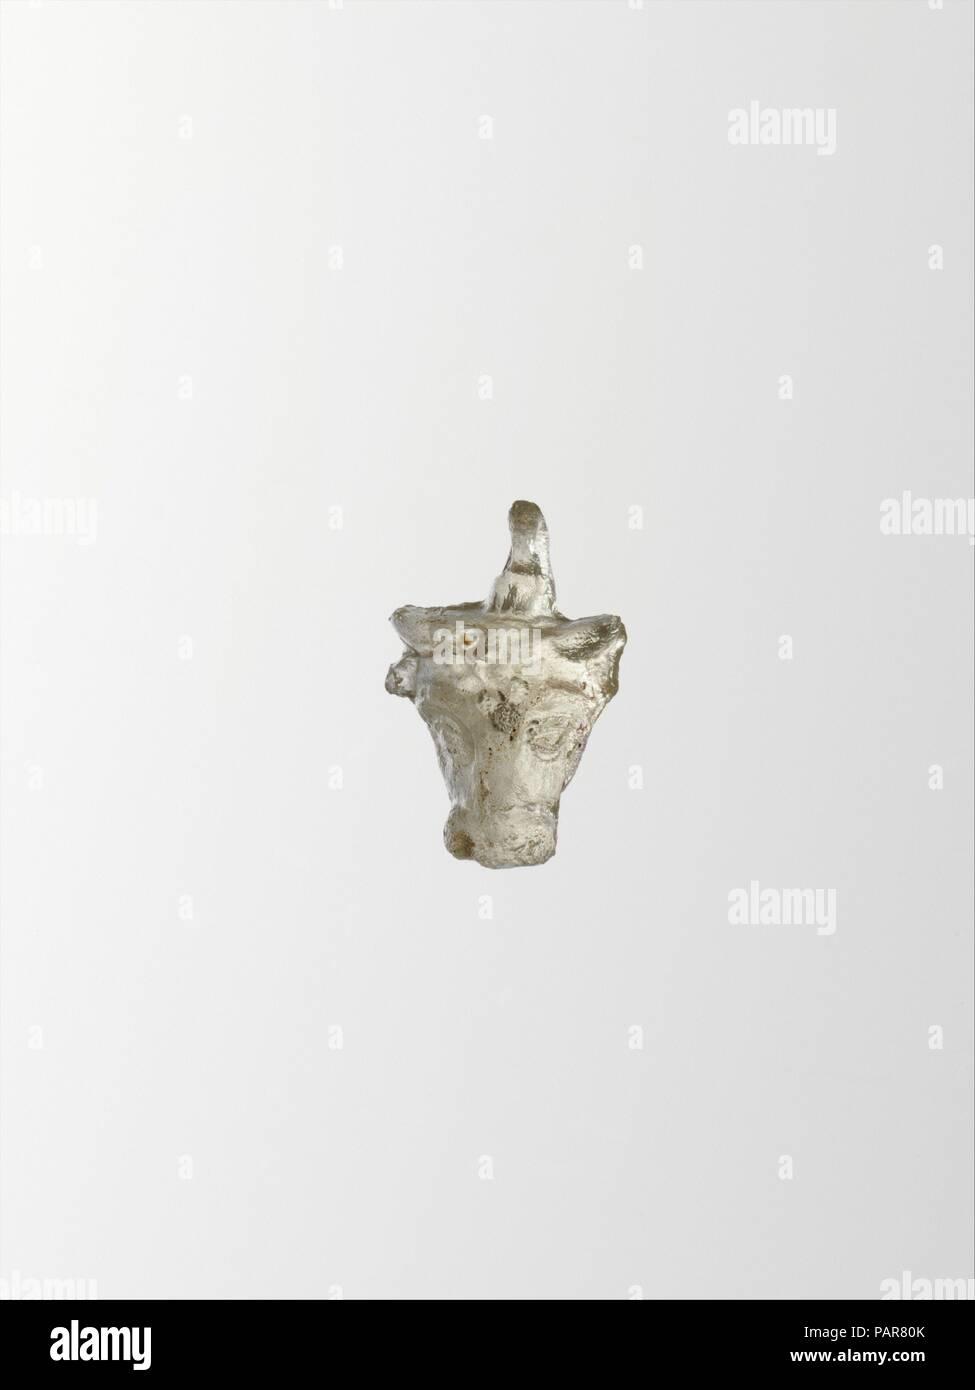 Pendentif en verre en forme de tête de taureau. Culture: le grec, l'Est de la Méditerranée. Dimensions: H.: 13/16 in. (2,1 cm). Date: fin 2e-1er siècle av. Incolore. Poignée verticale, solide, avec des marques de moule tournant sur les côtés et dessus de la tête et plus de boucle; au milieu de la tête, une petite boucle de suspension verticale; dos plat avec petit trou central. Tête de taureau, avec des cornes et des oreilles, des sourcils, des yeux exorbités et rosette; star sur le front. Intacts mais ébréché sur les bords; quelques piqûres et faible altération irisé. Musée: Metropolitan Museum of Art, New York, USA. Banque D'Images